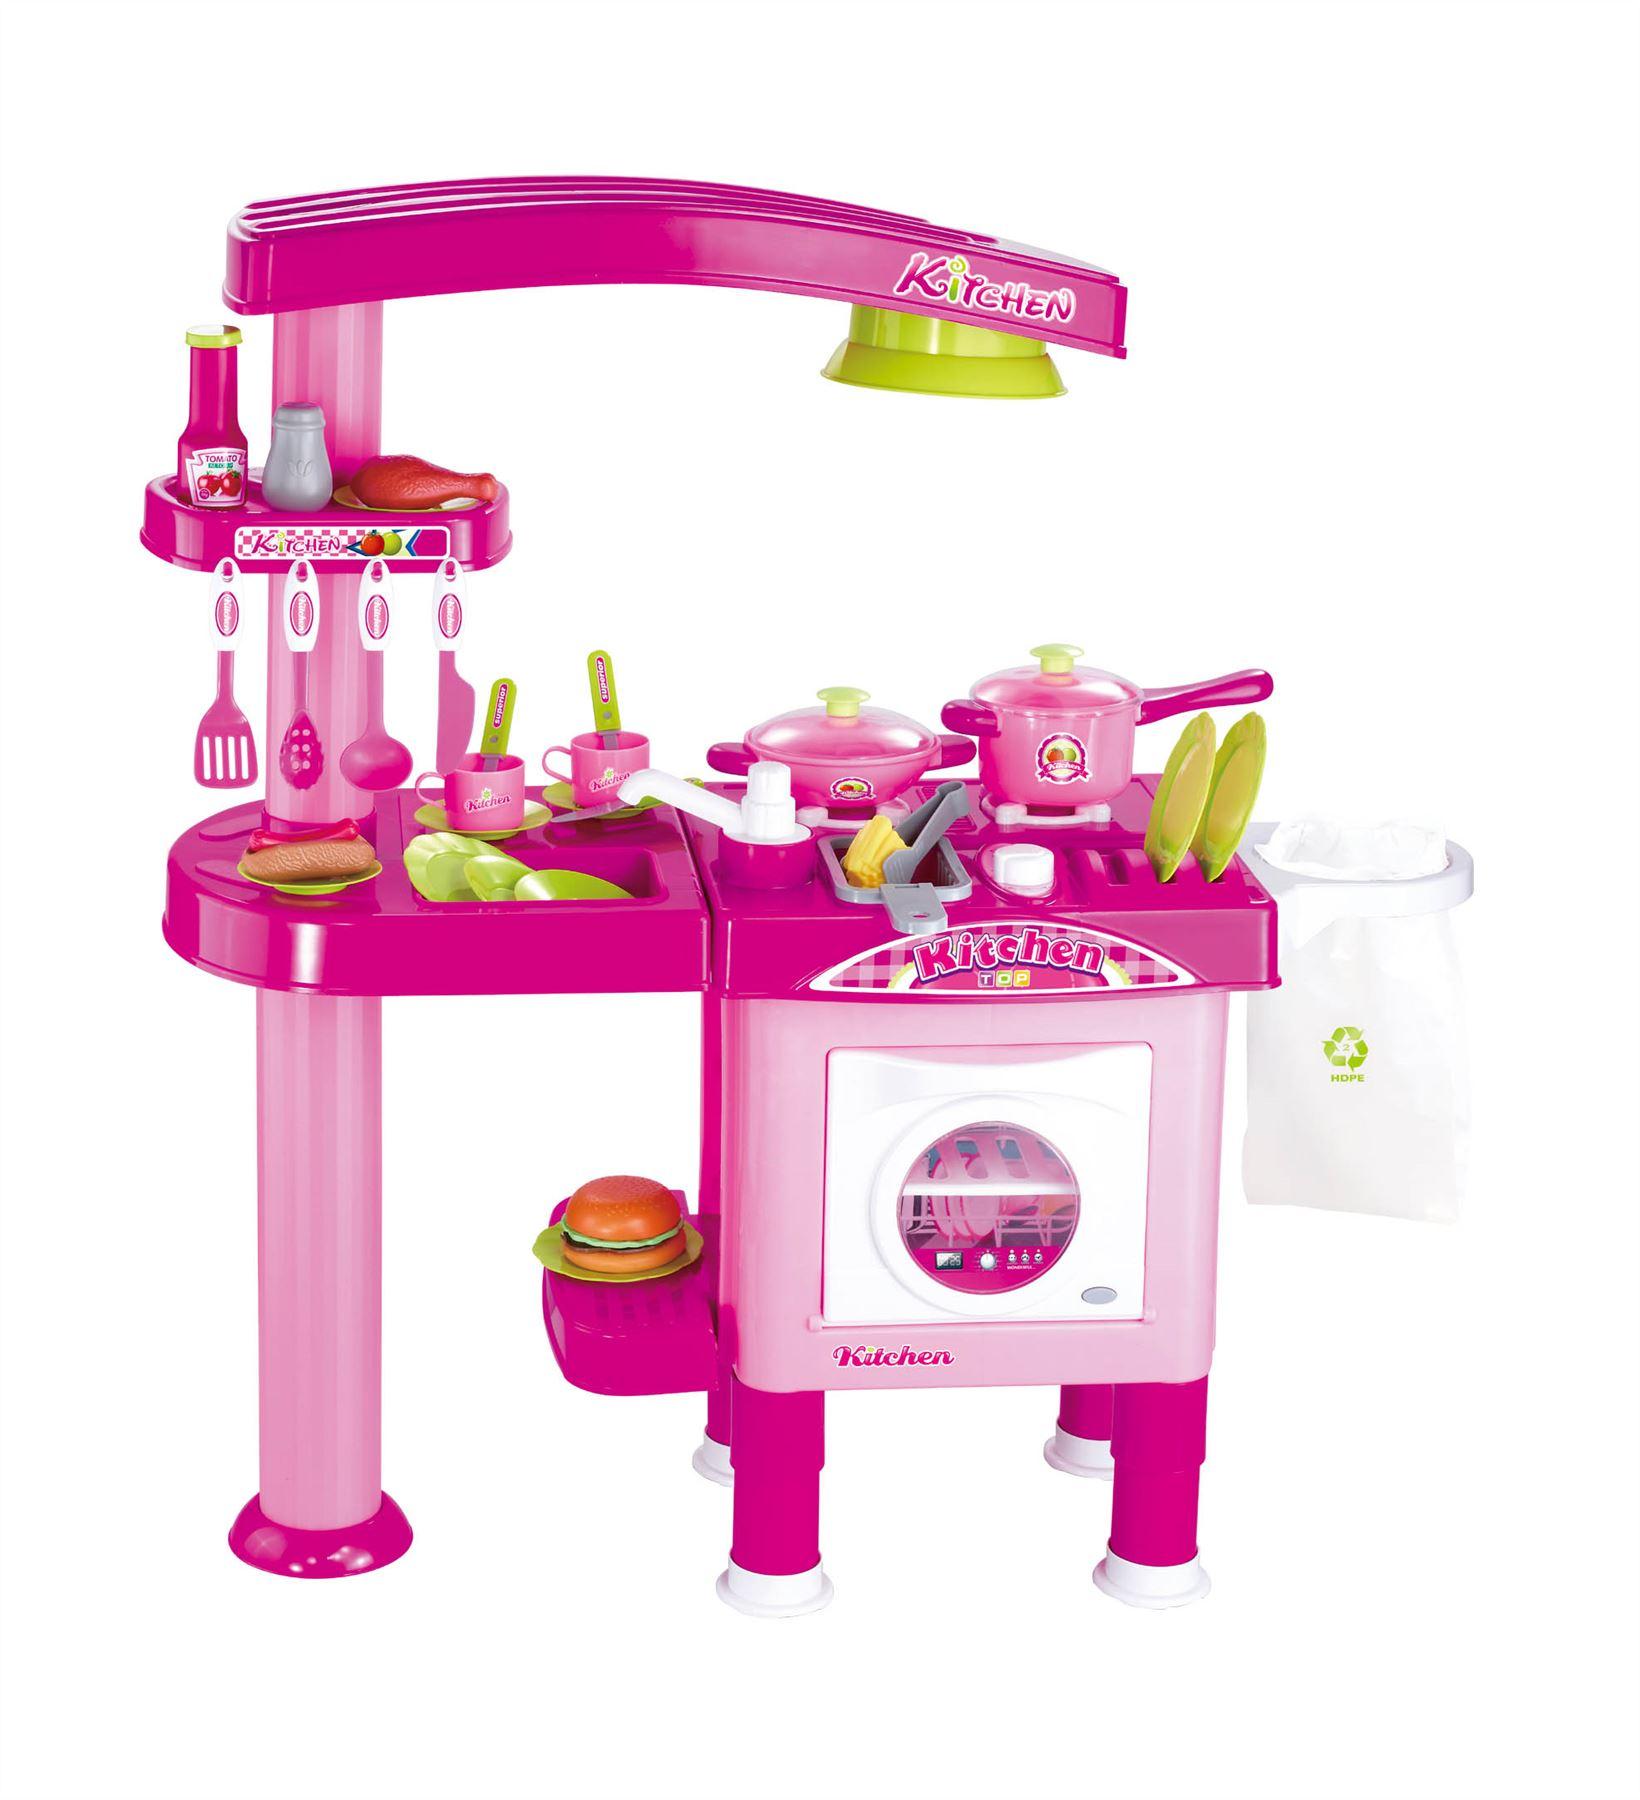 Oven Kitchen Set: Vinsani Childrens Kids Pretend Play Dishwasher & Oven